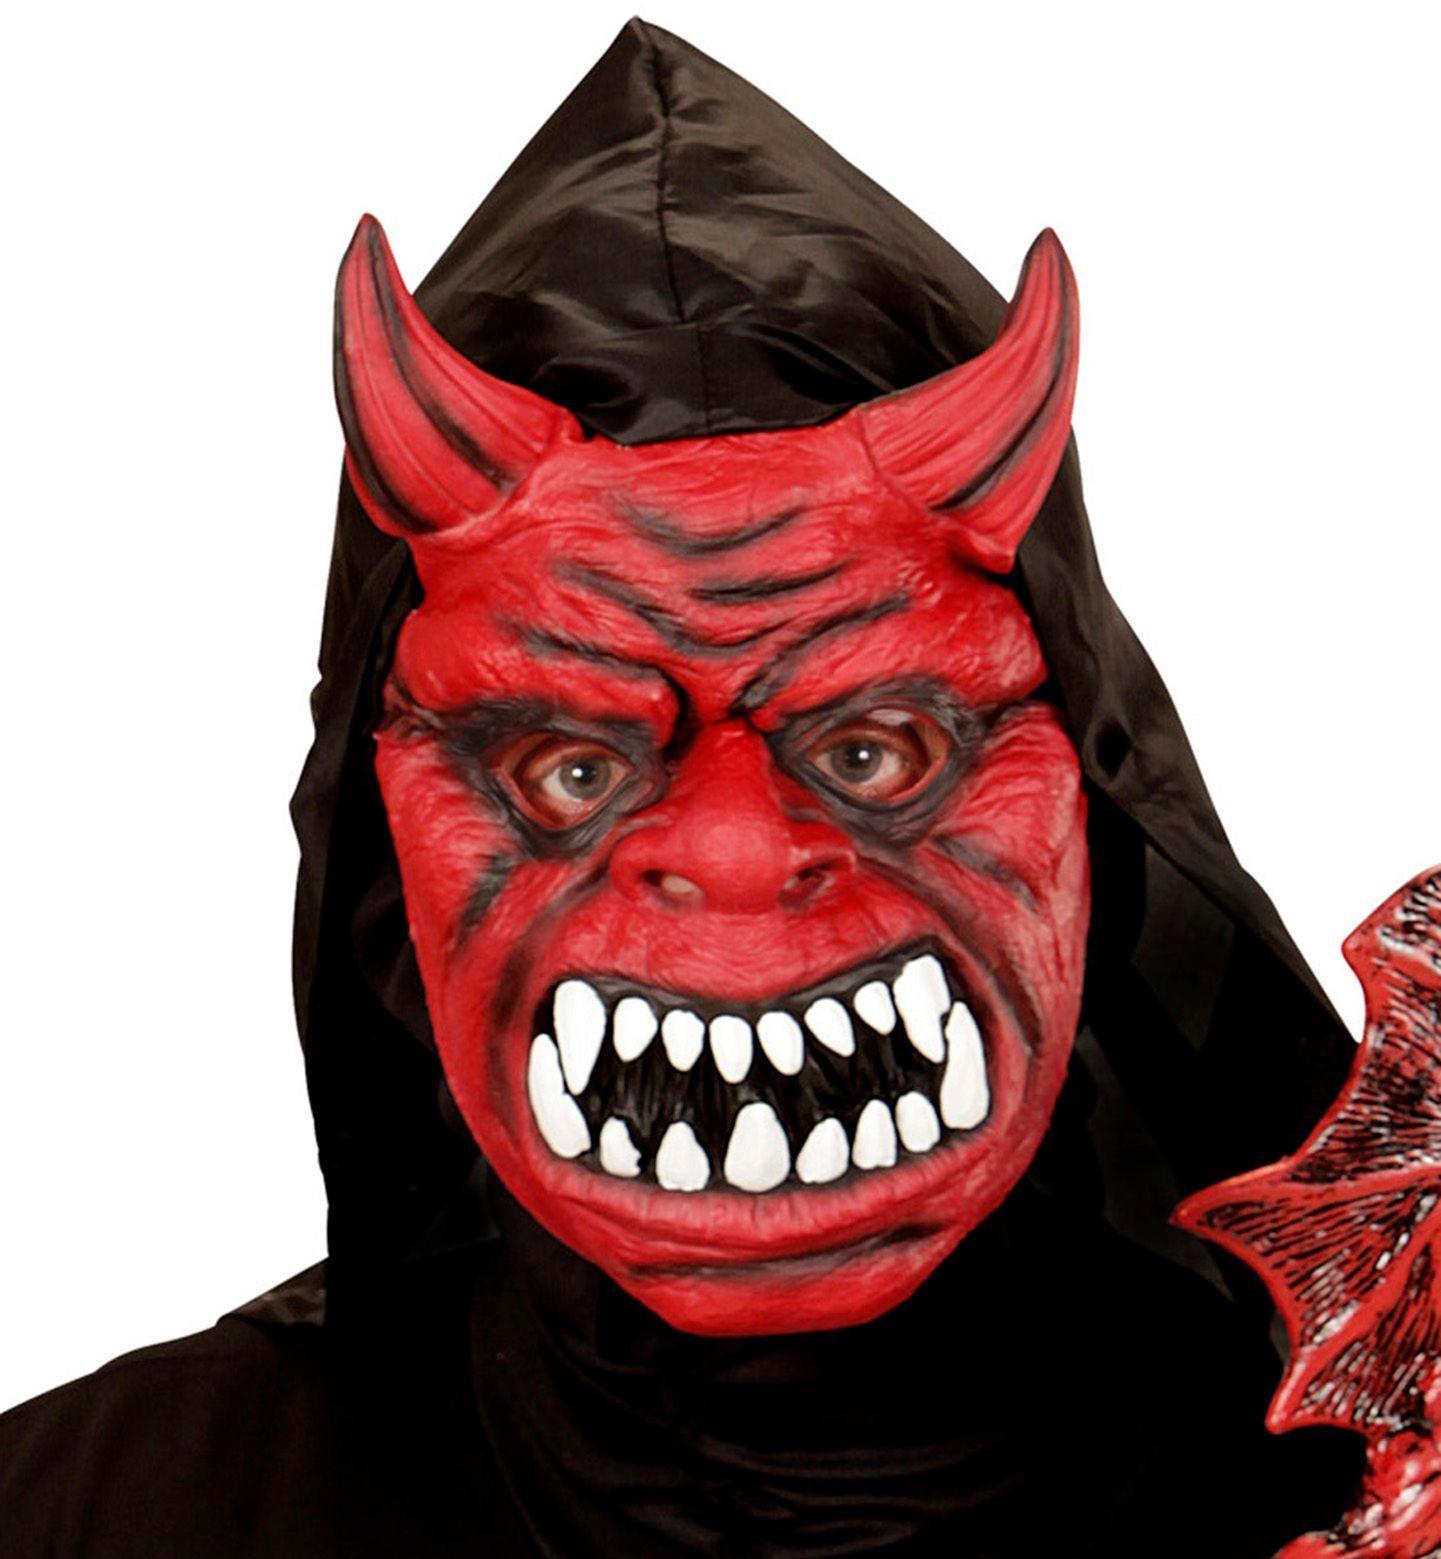 Rood duivelsmasker met kap